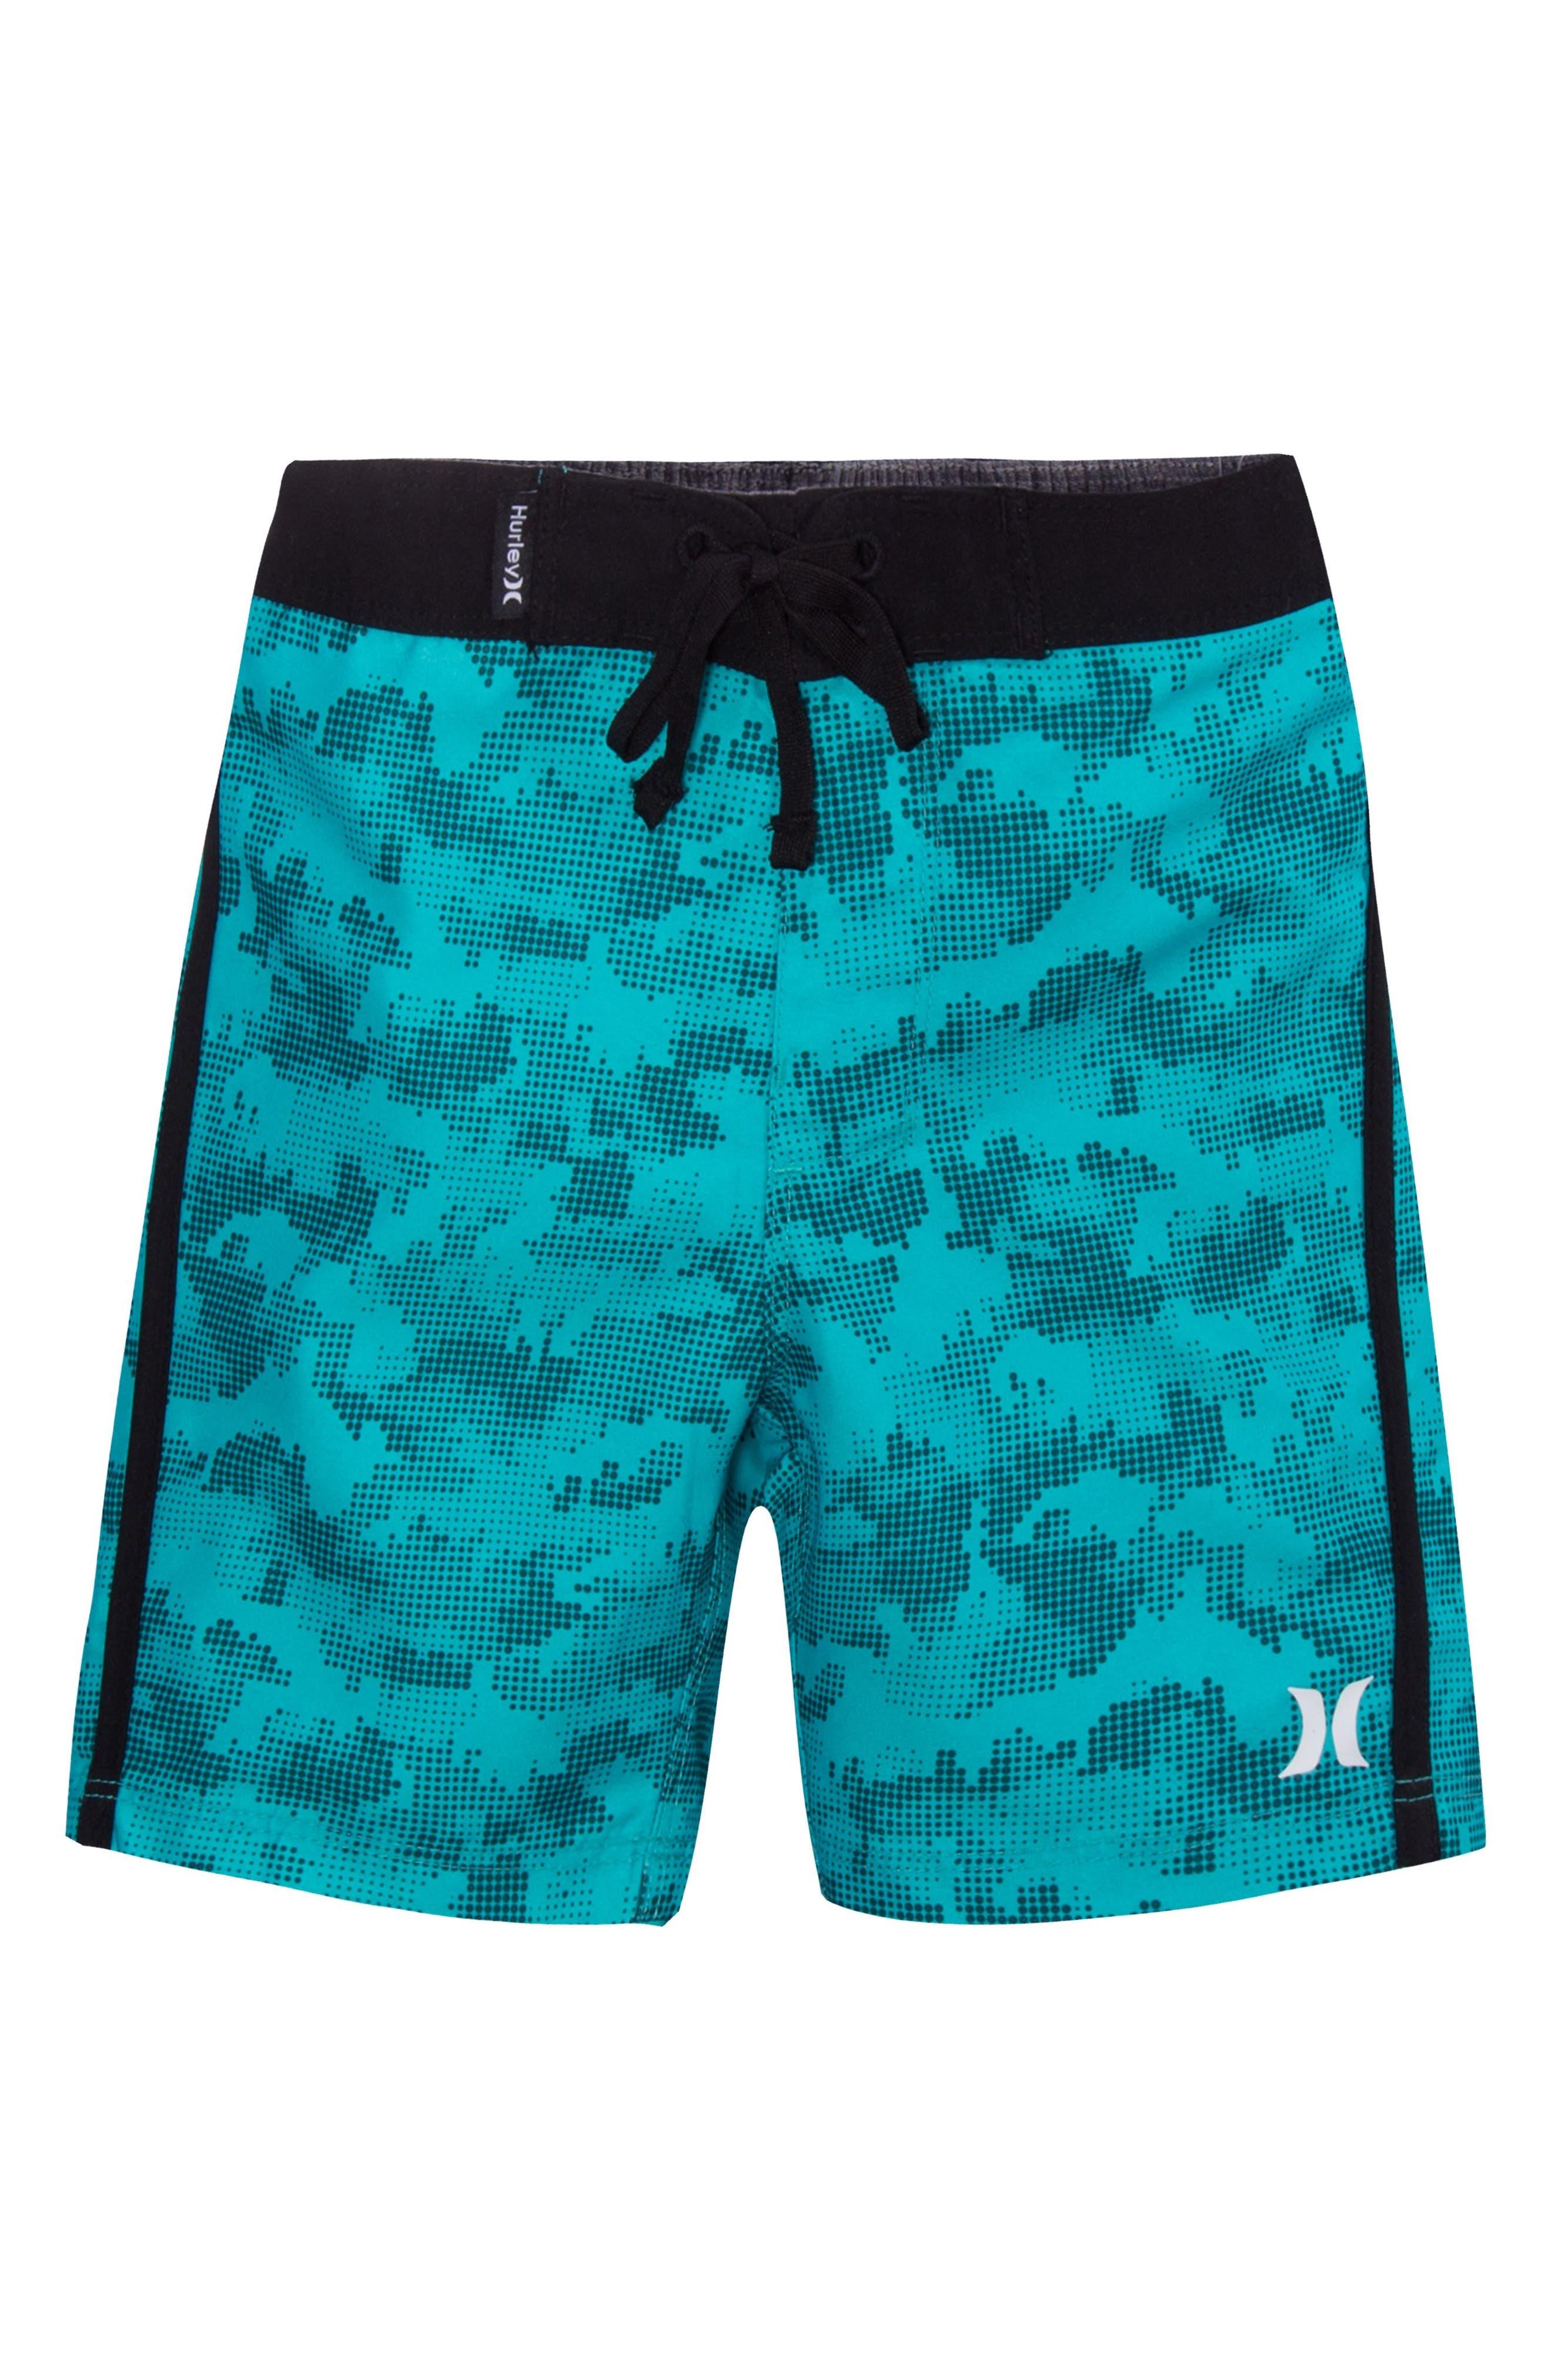 Micro Camo Board Shorts,                         Main,                         color, 321